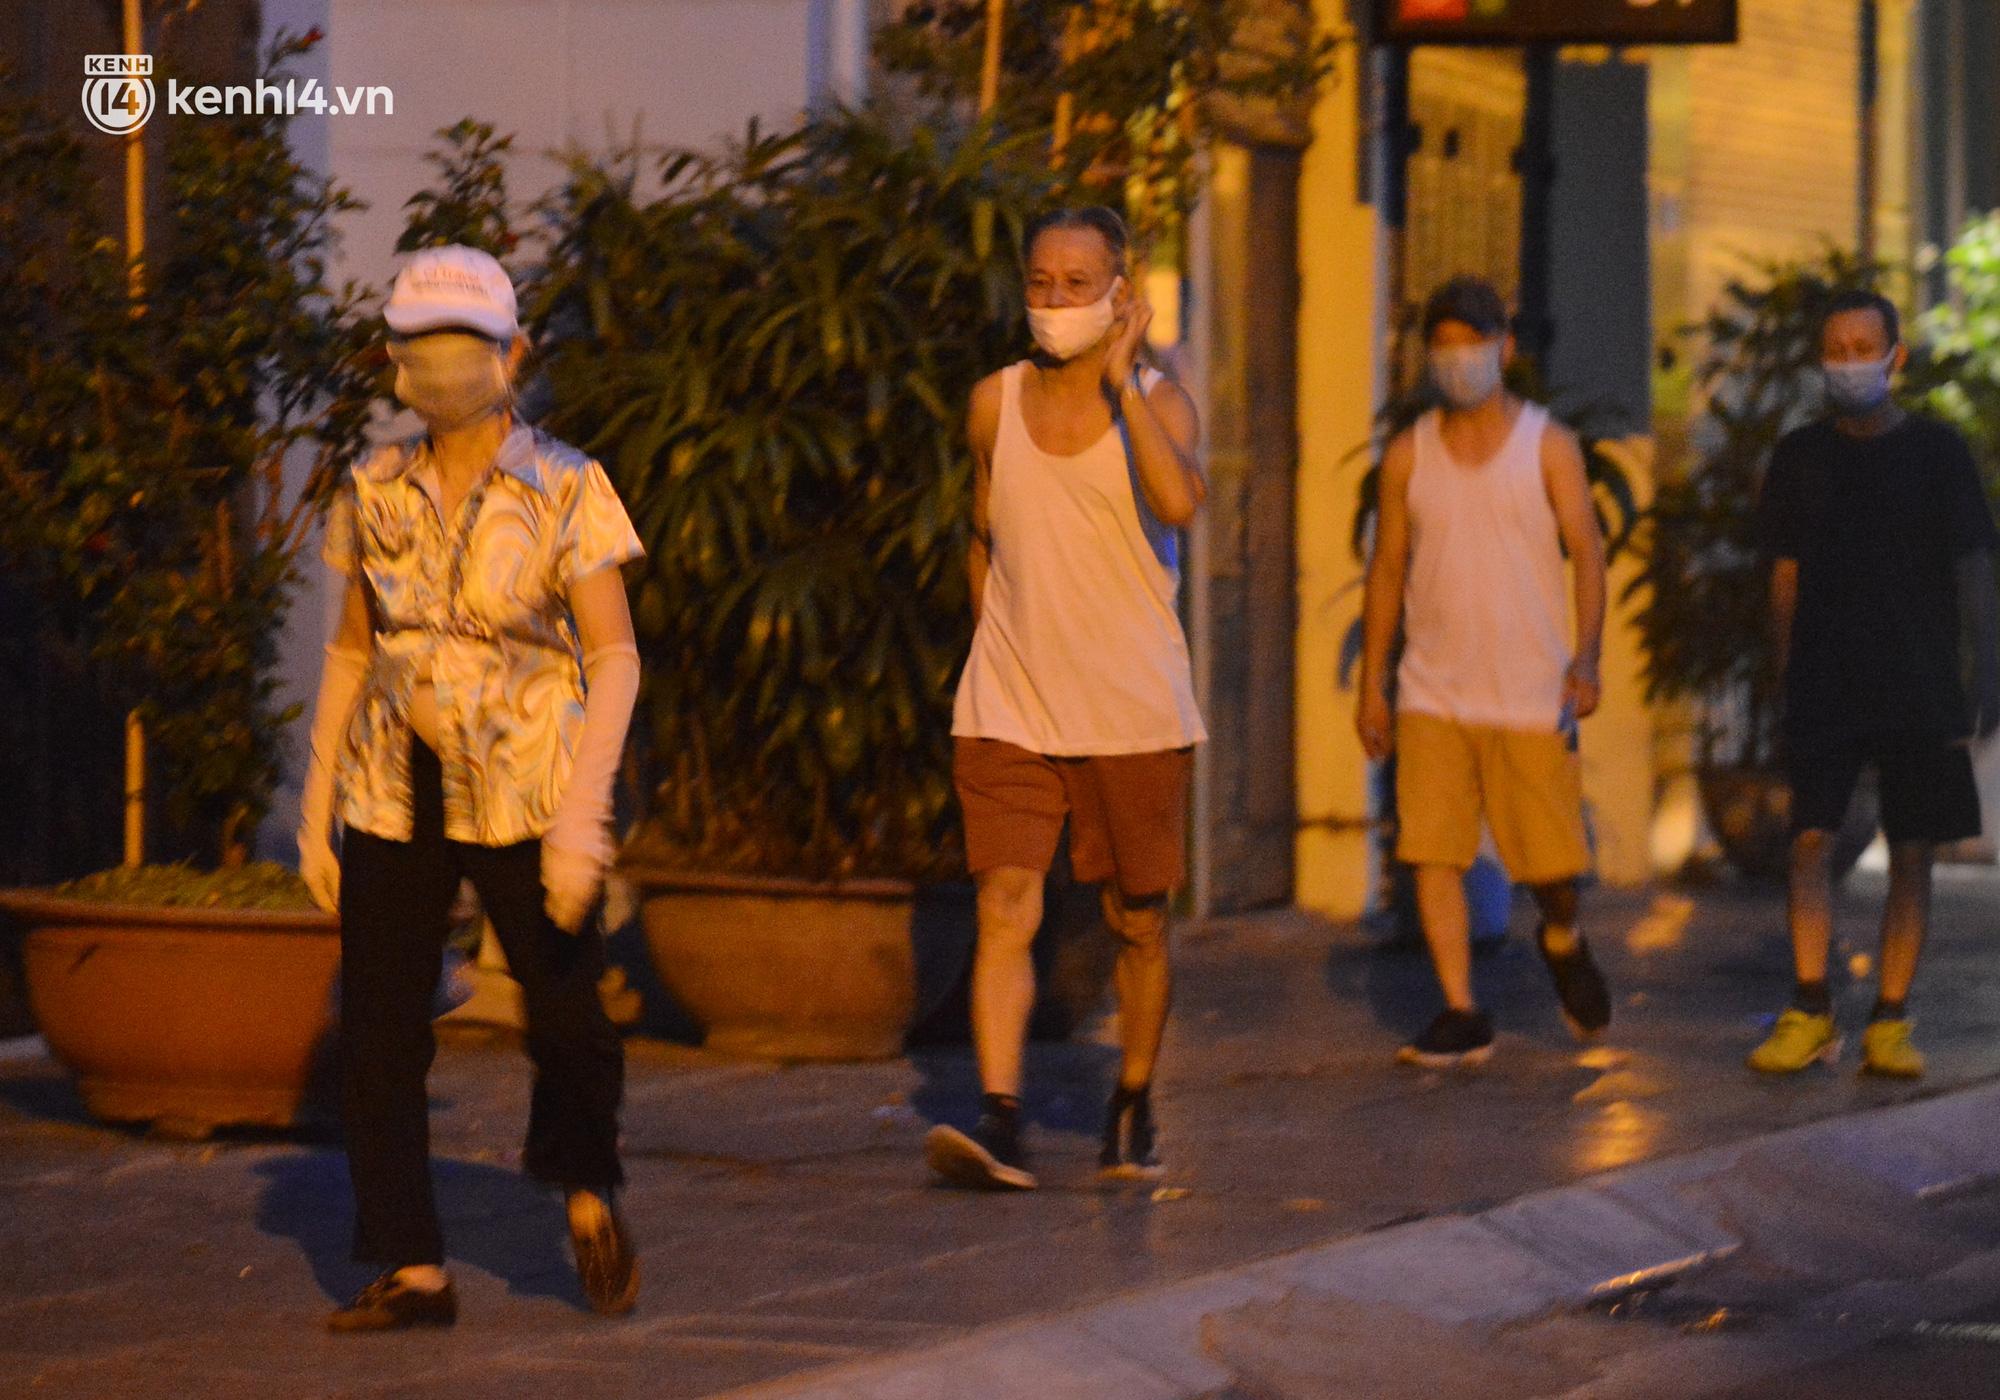 Hà Nội: Người dân né chốt, nửa đêm đến hồ Gươm tập thể dục dù công an canh gác xuyên đêm - Ảnh 21.